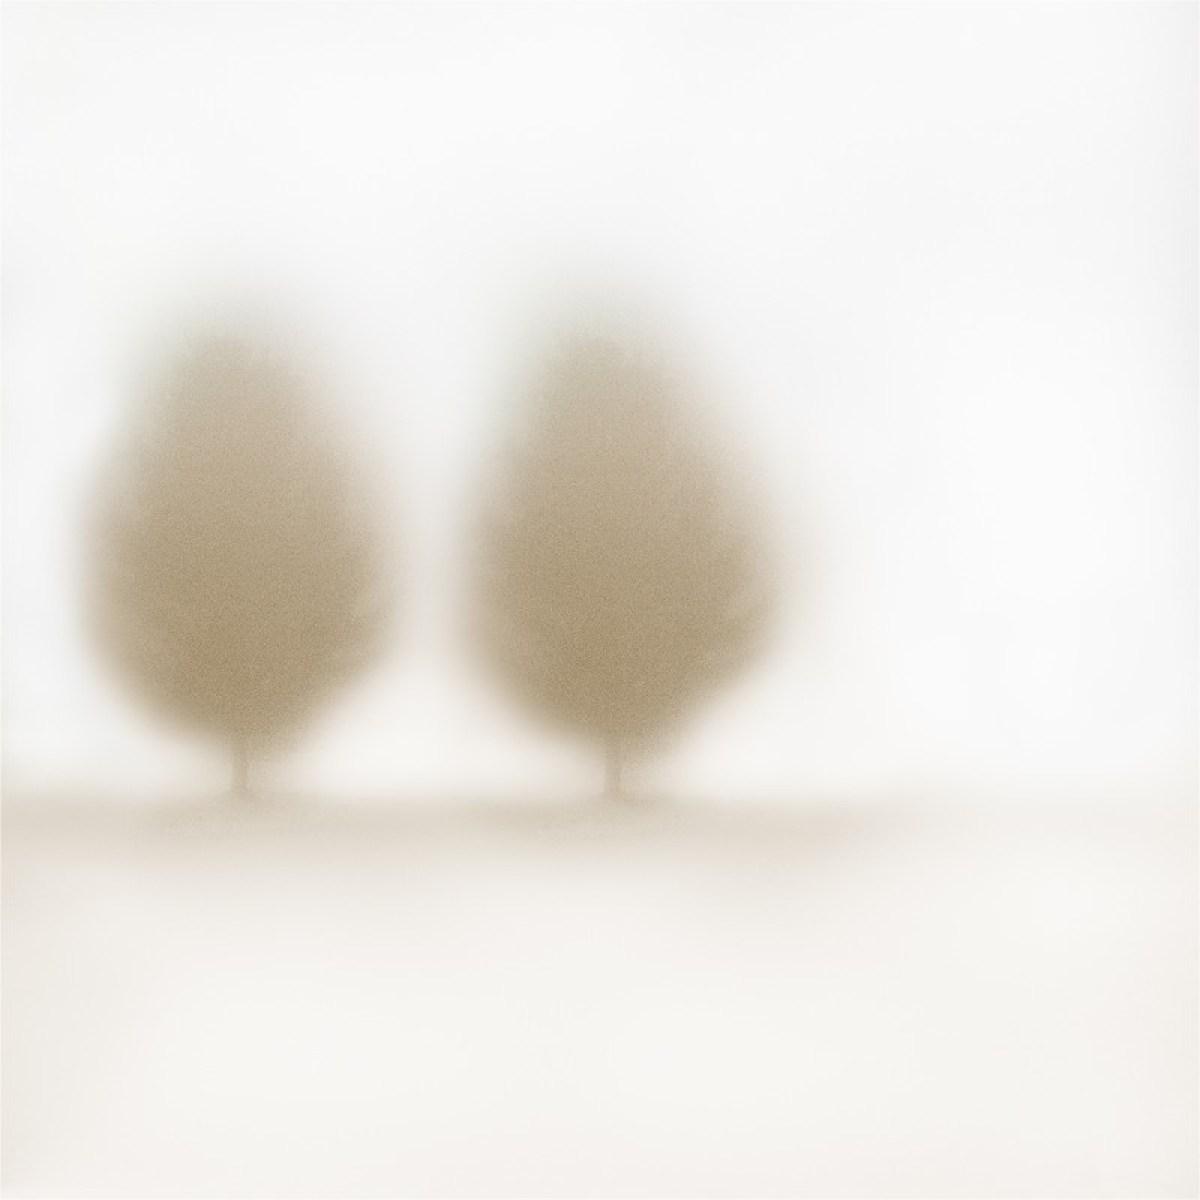 Le troisième ami #1 ©Julie_Beauchemin